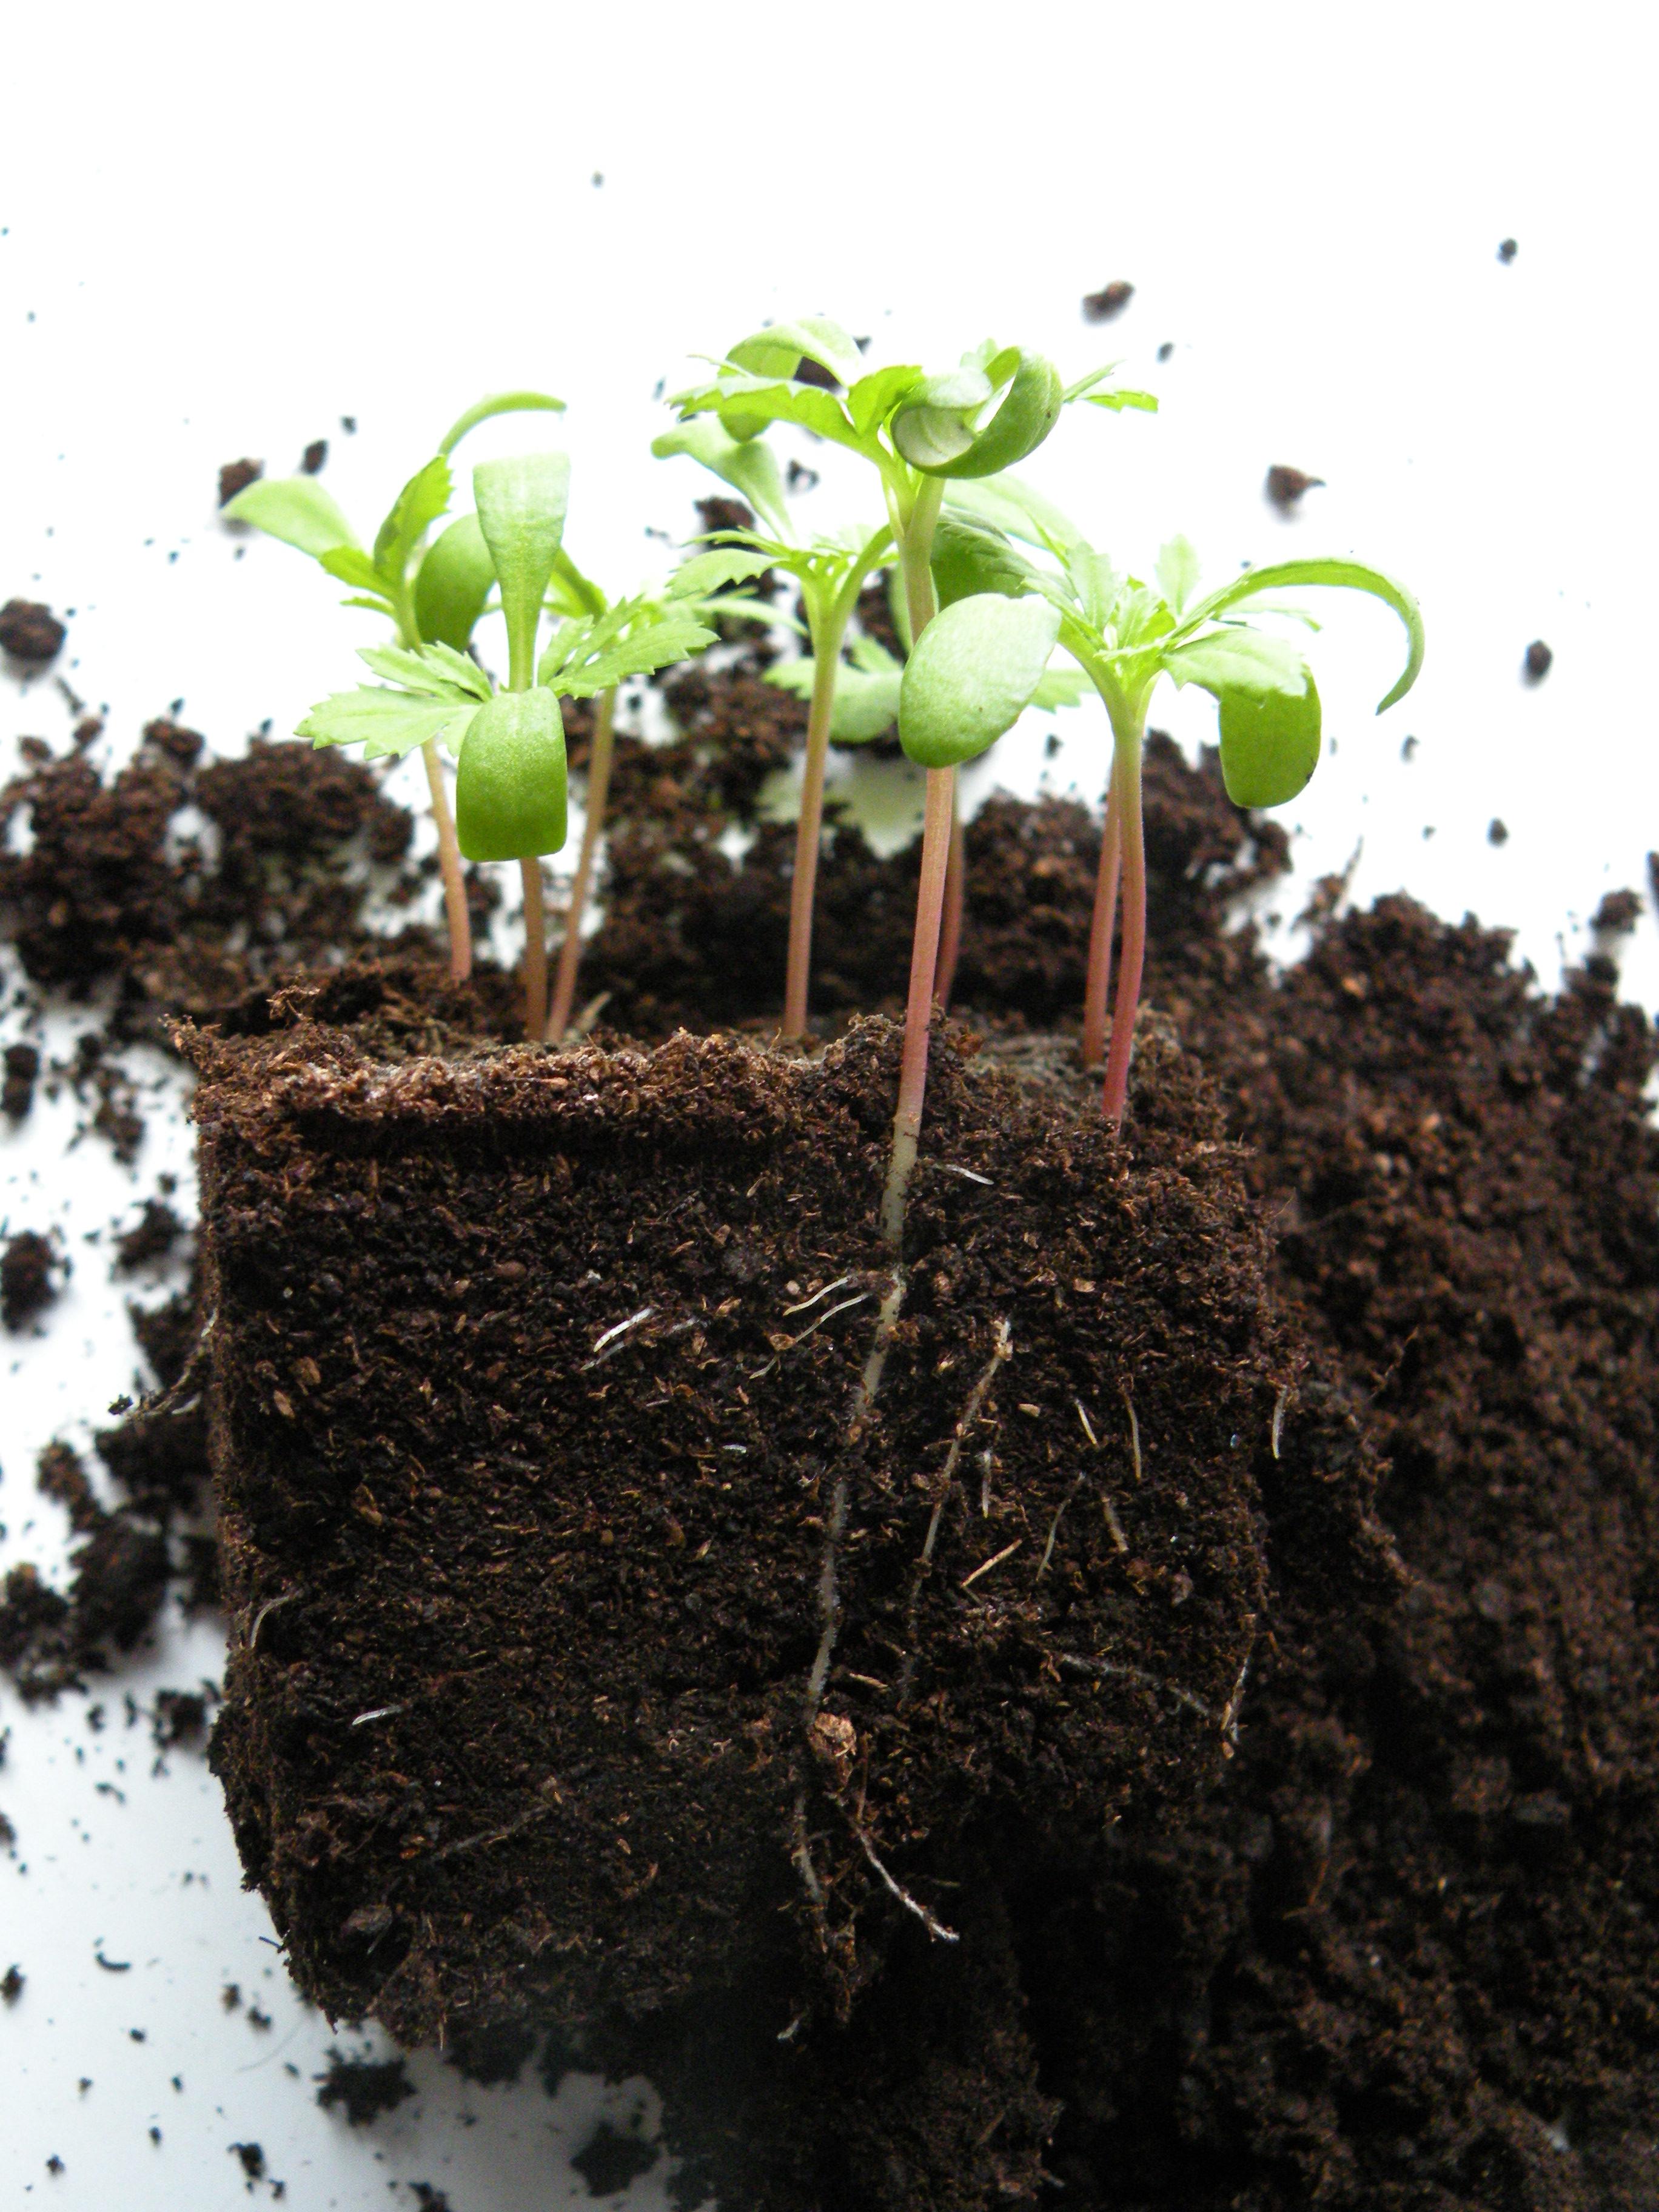 planter lirket ud af potten